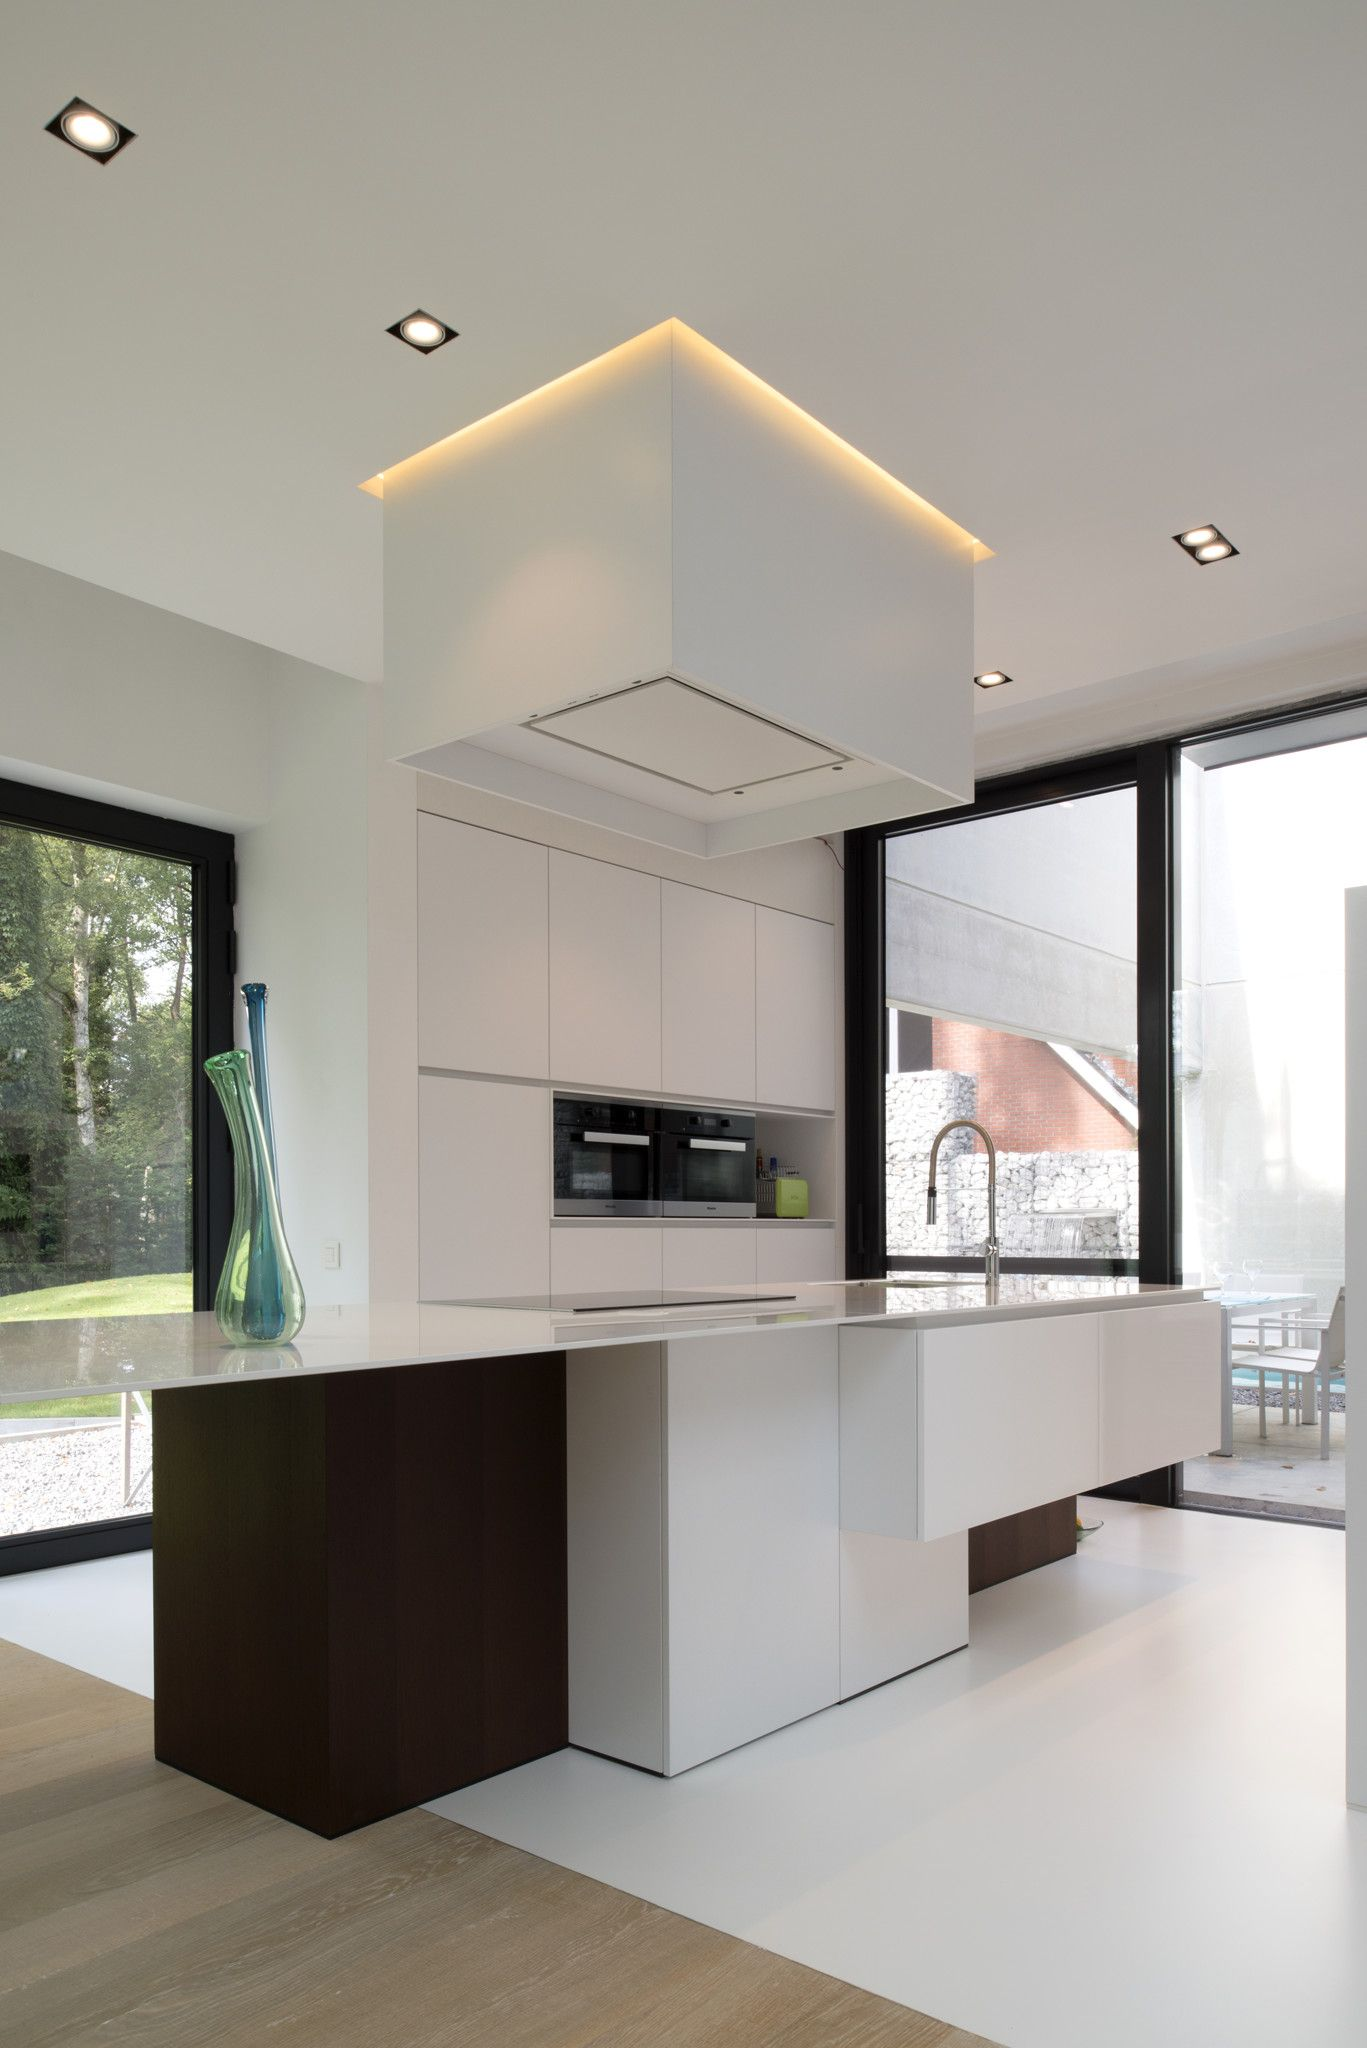 overgang gietvloer en parket in een moderne keuken home sweet home dreams. Black Bedroom Furniture Sets. Home Design Ideas